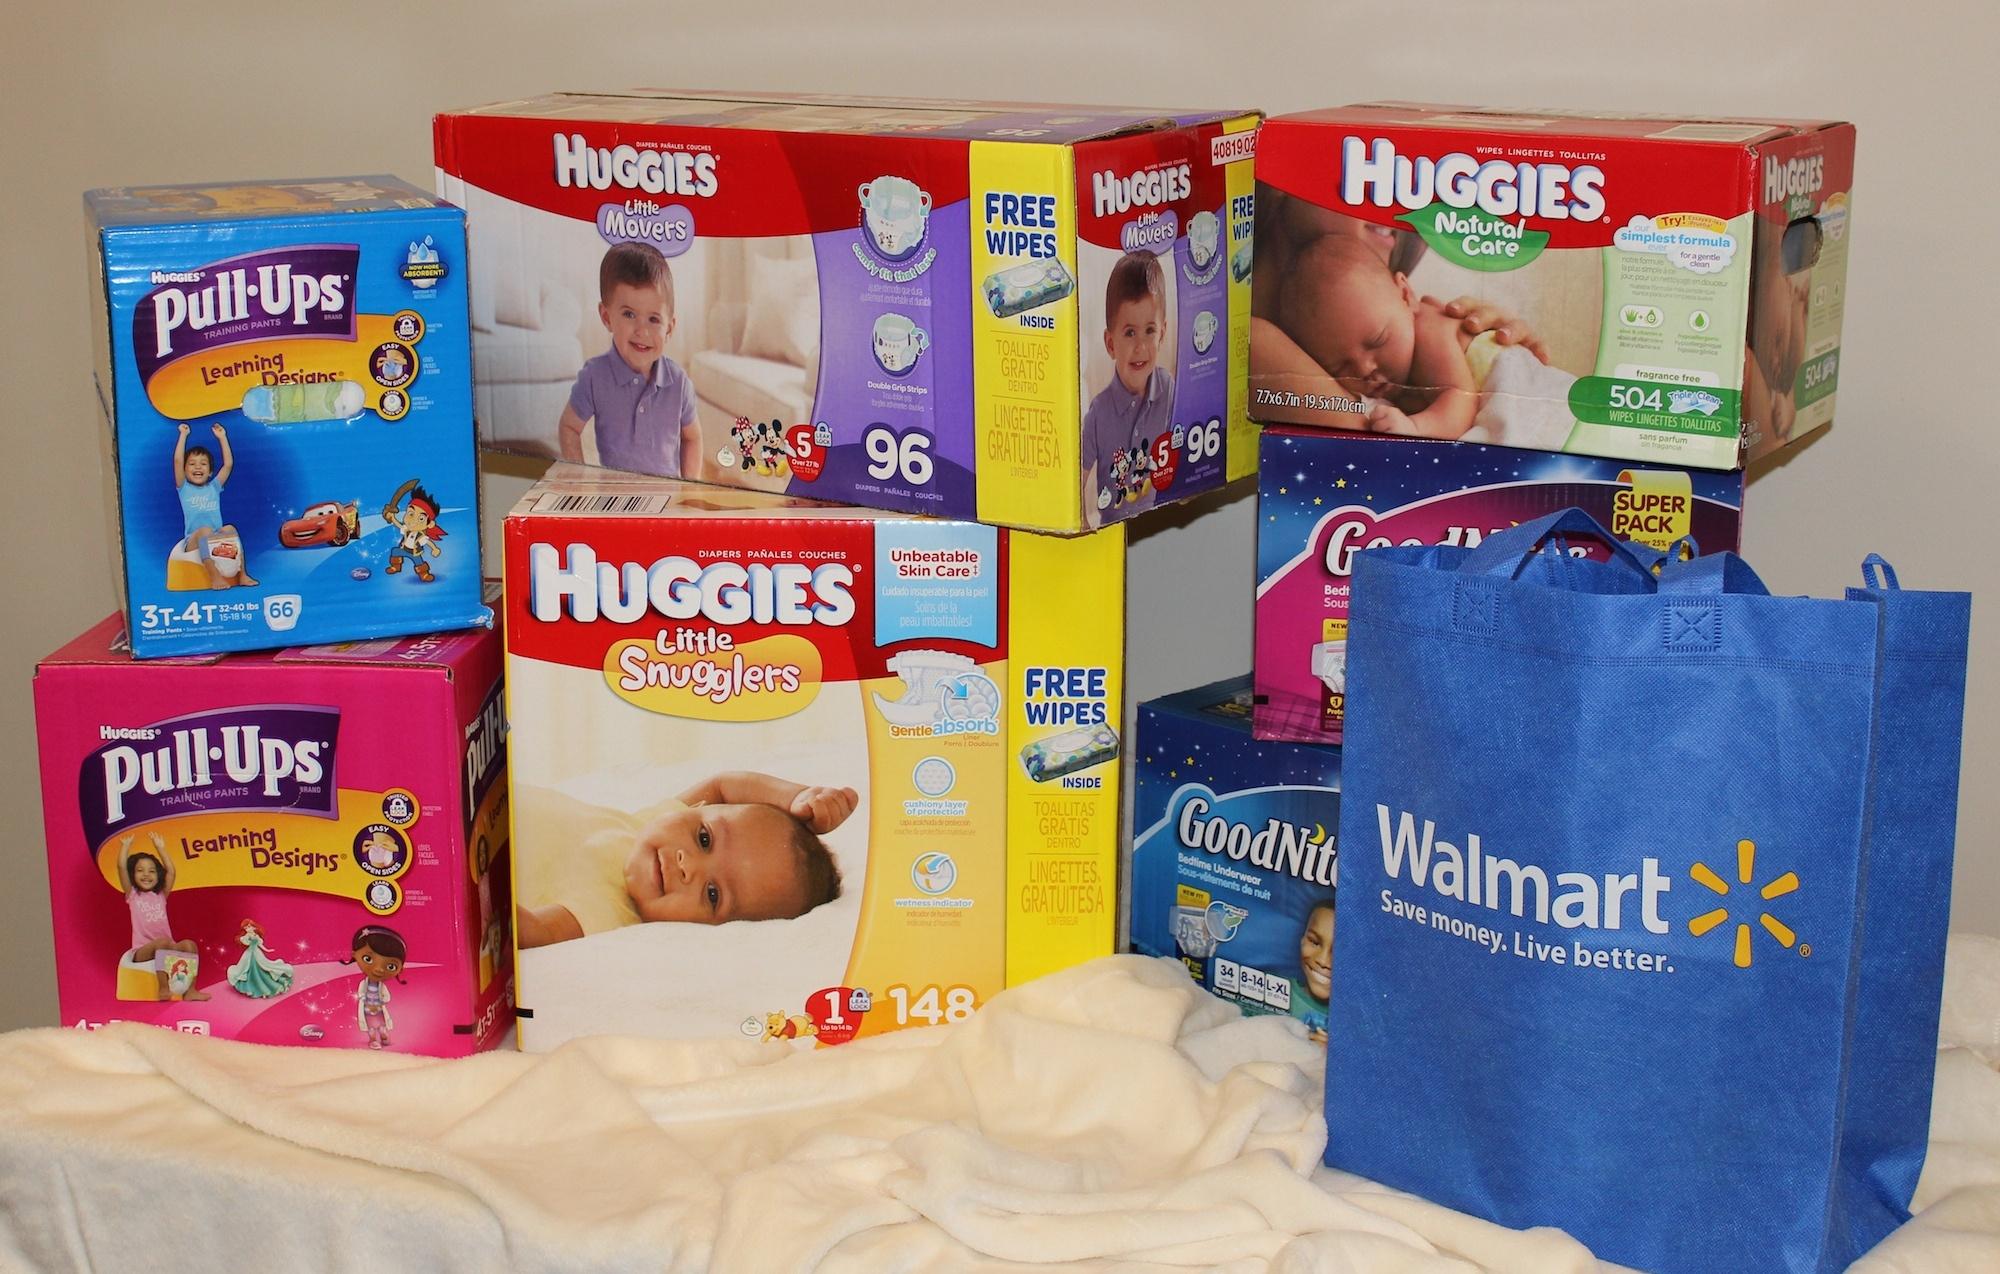 Free Digital Printable Diaper Coupons At Walmart - Free Printable Coupons For Walmart